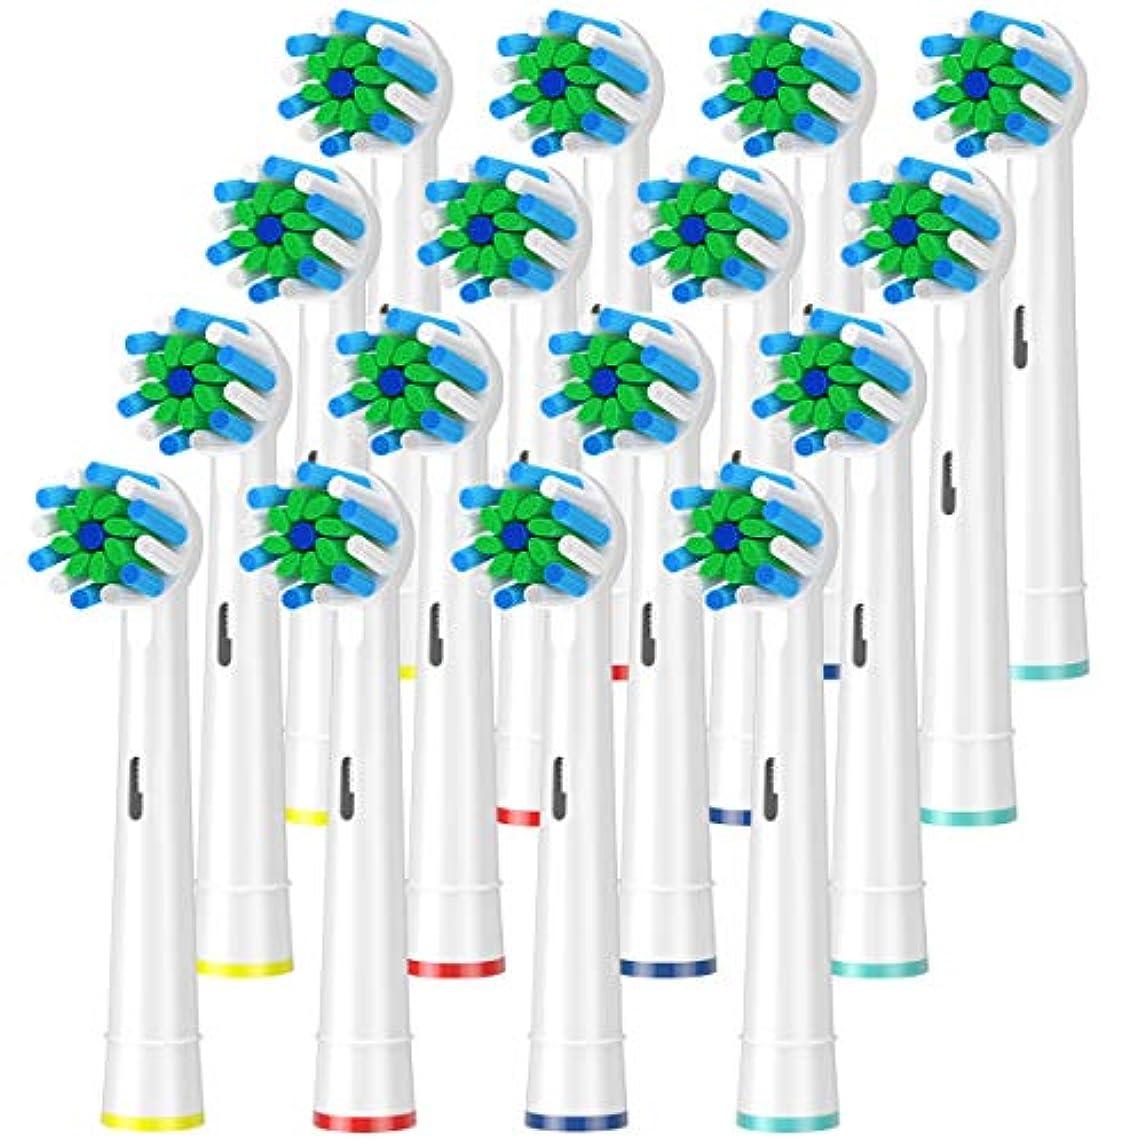 同僚シャーロットブロンテセンチメートルITECHNIK ブラウン 電動歯ブラシ 対応 替えブラシ ブラウン オーラルB 替えブラシ Action cross(16)